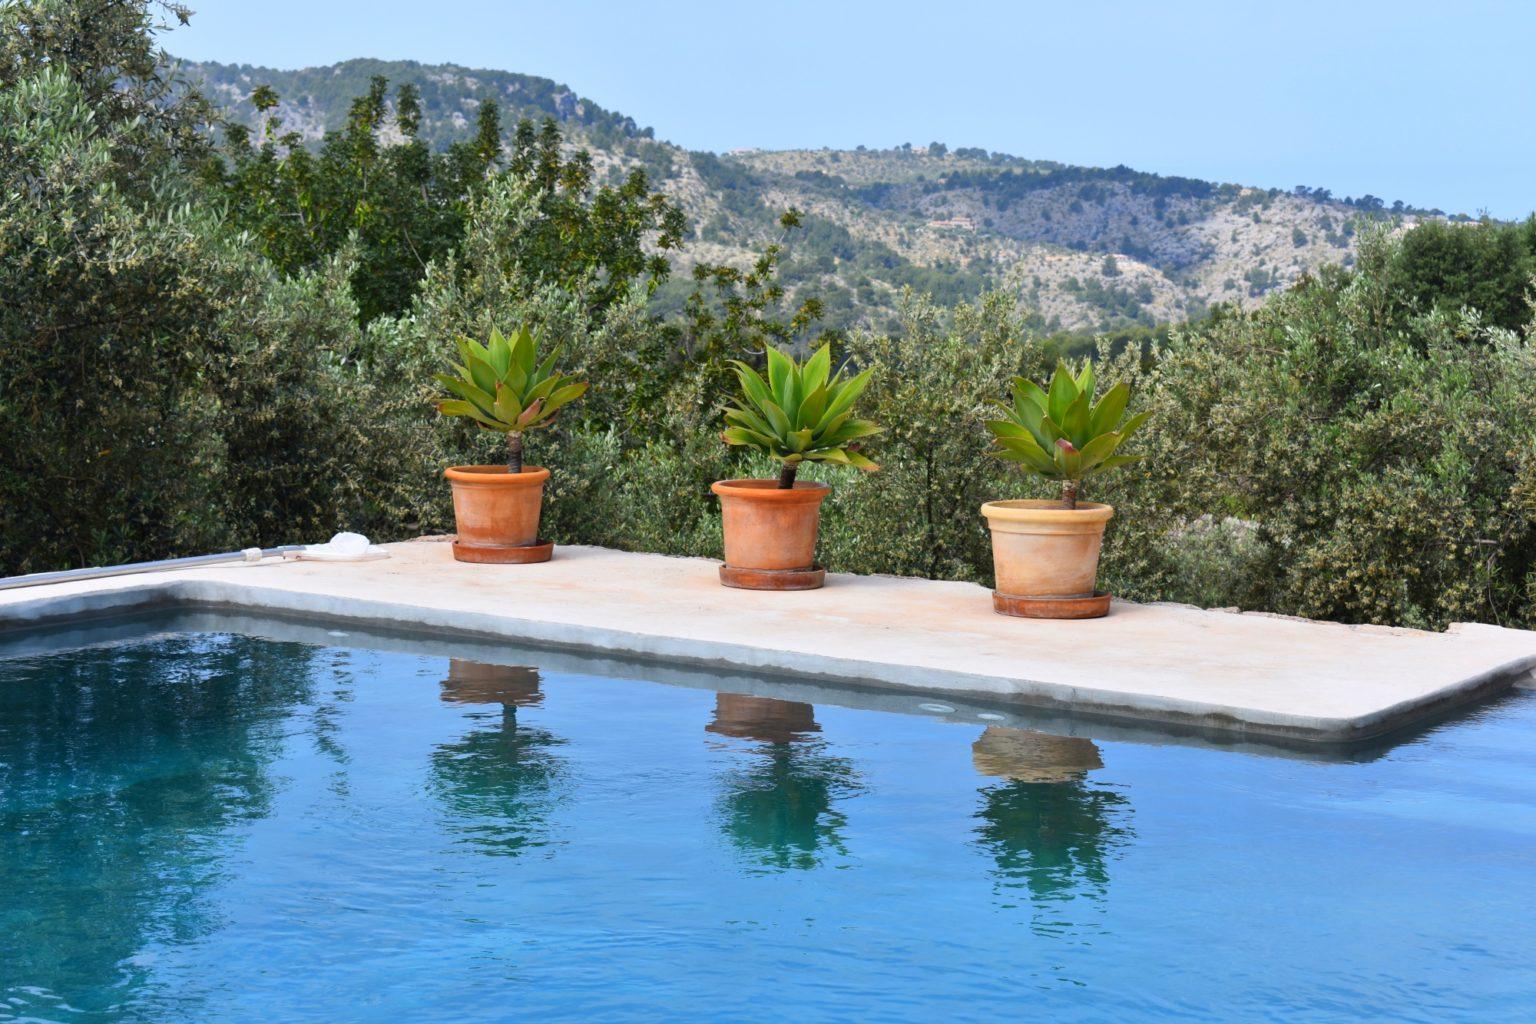 Airbnb, Ferienhaus, Finca Mallorca, Spanien Urlaub,